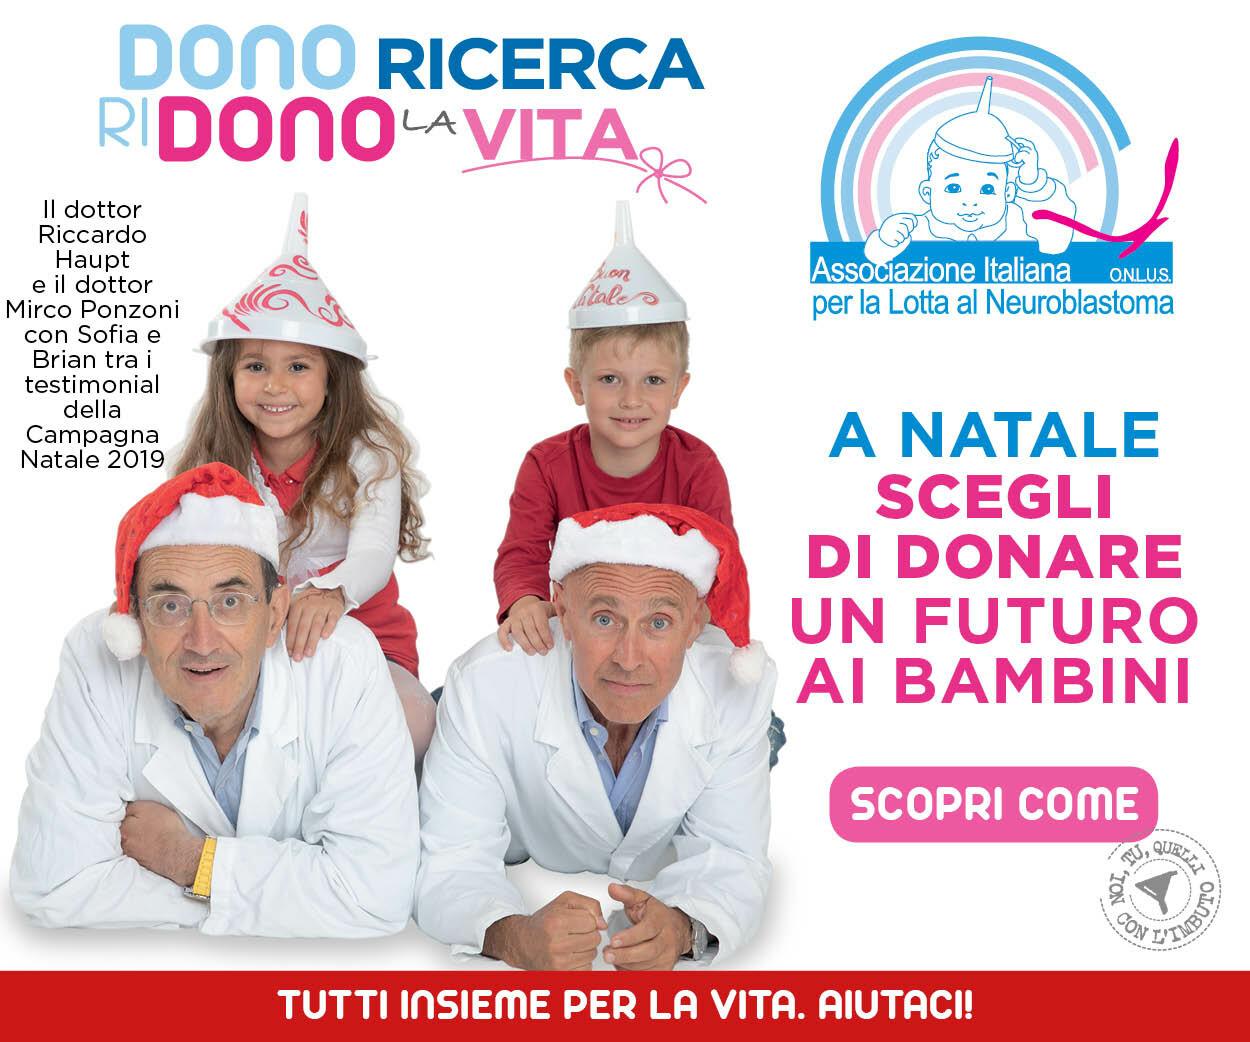 """""""Dono Ricerca RiDono la Vita"""" regala un futuro ai bambini con l'imbuto  Il Natale è più bello con i doni solidali dell'Associazione Neuroblastoma"""